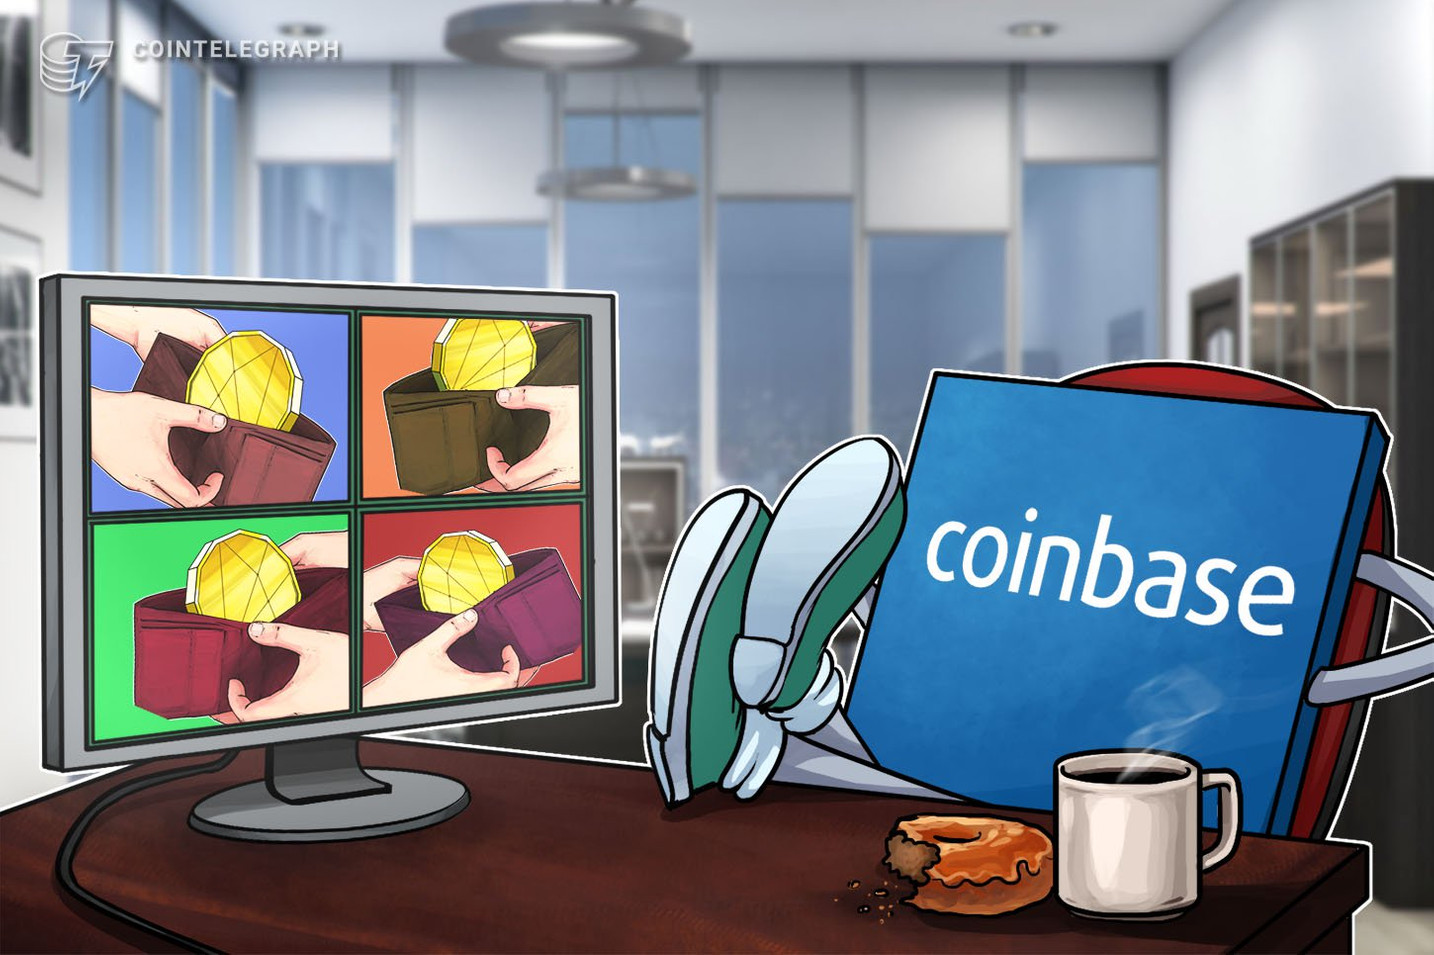 Kryptobörse Coinbase stellt neue Währungskonvertierung vor